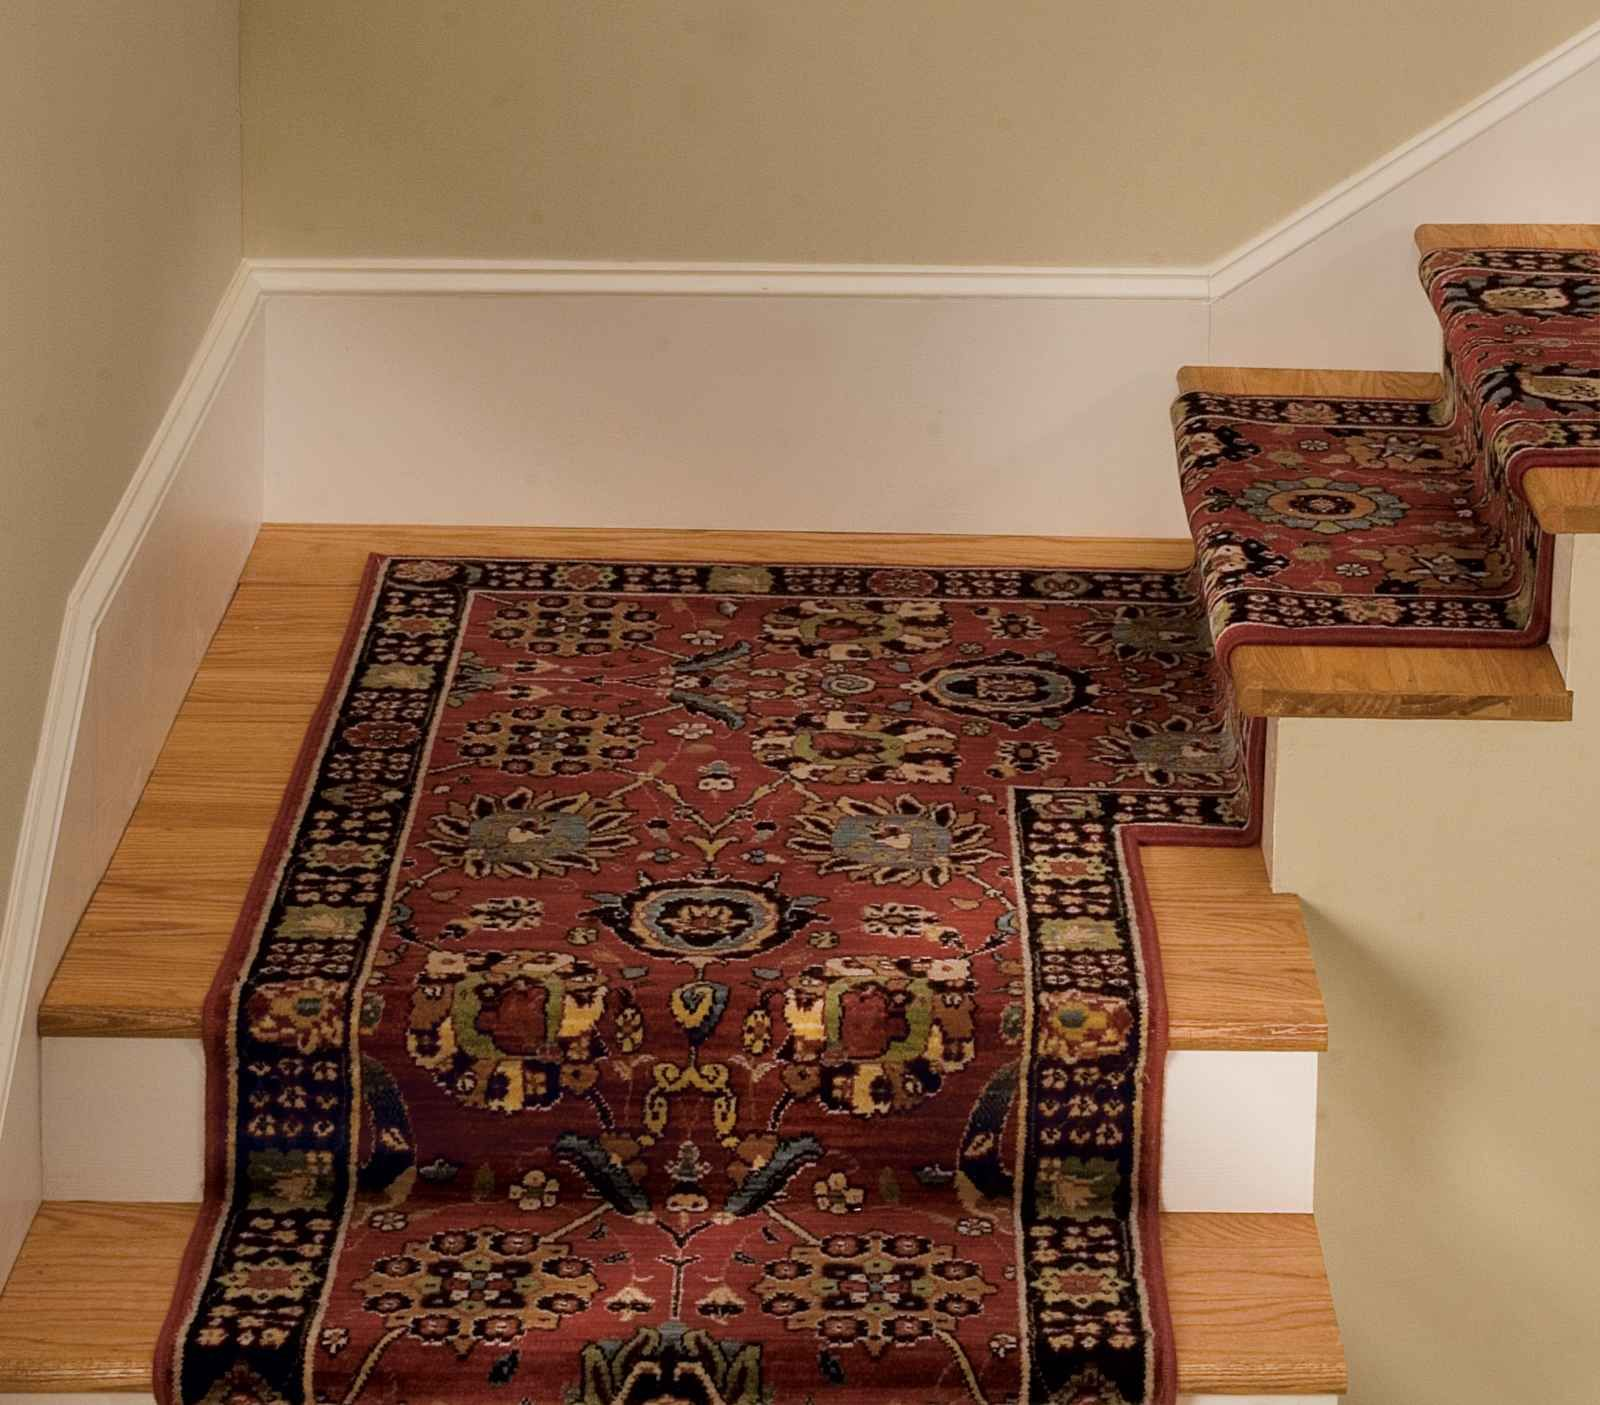 Carpet Stair Runner For Home New Home Pinterest